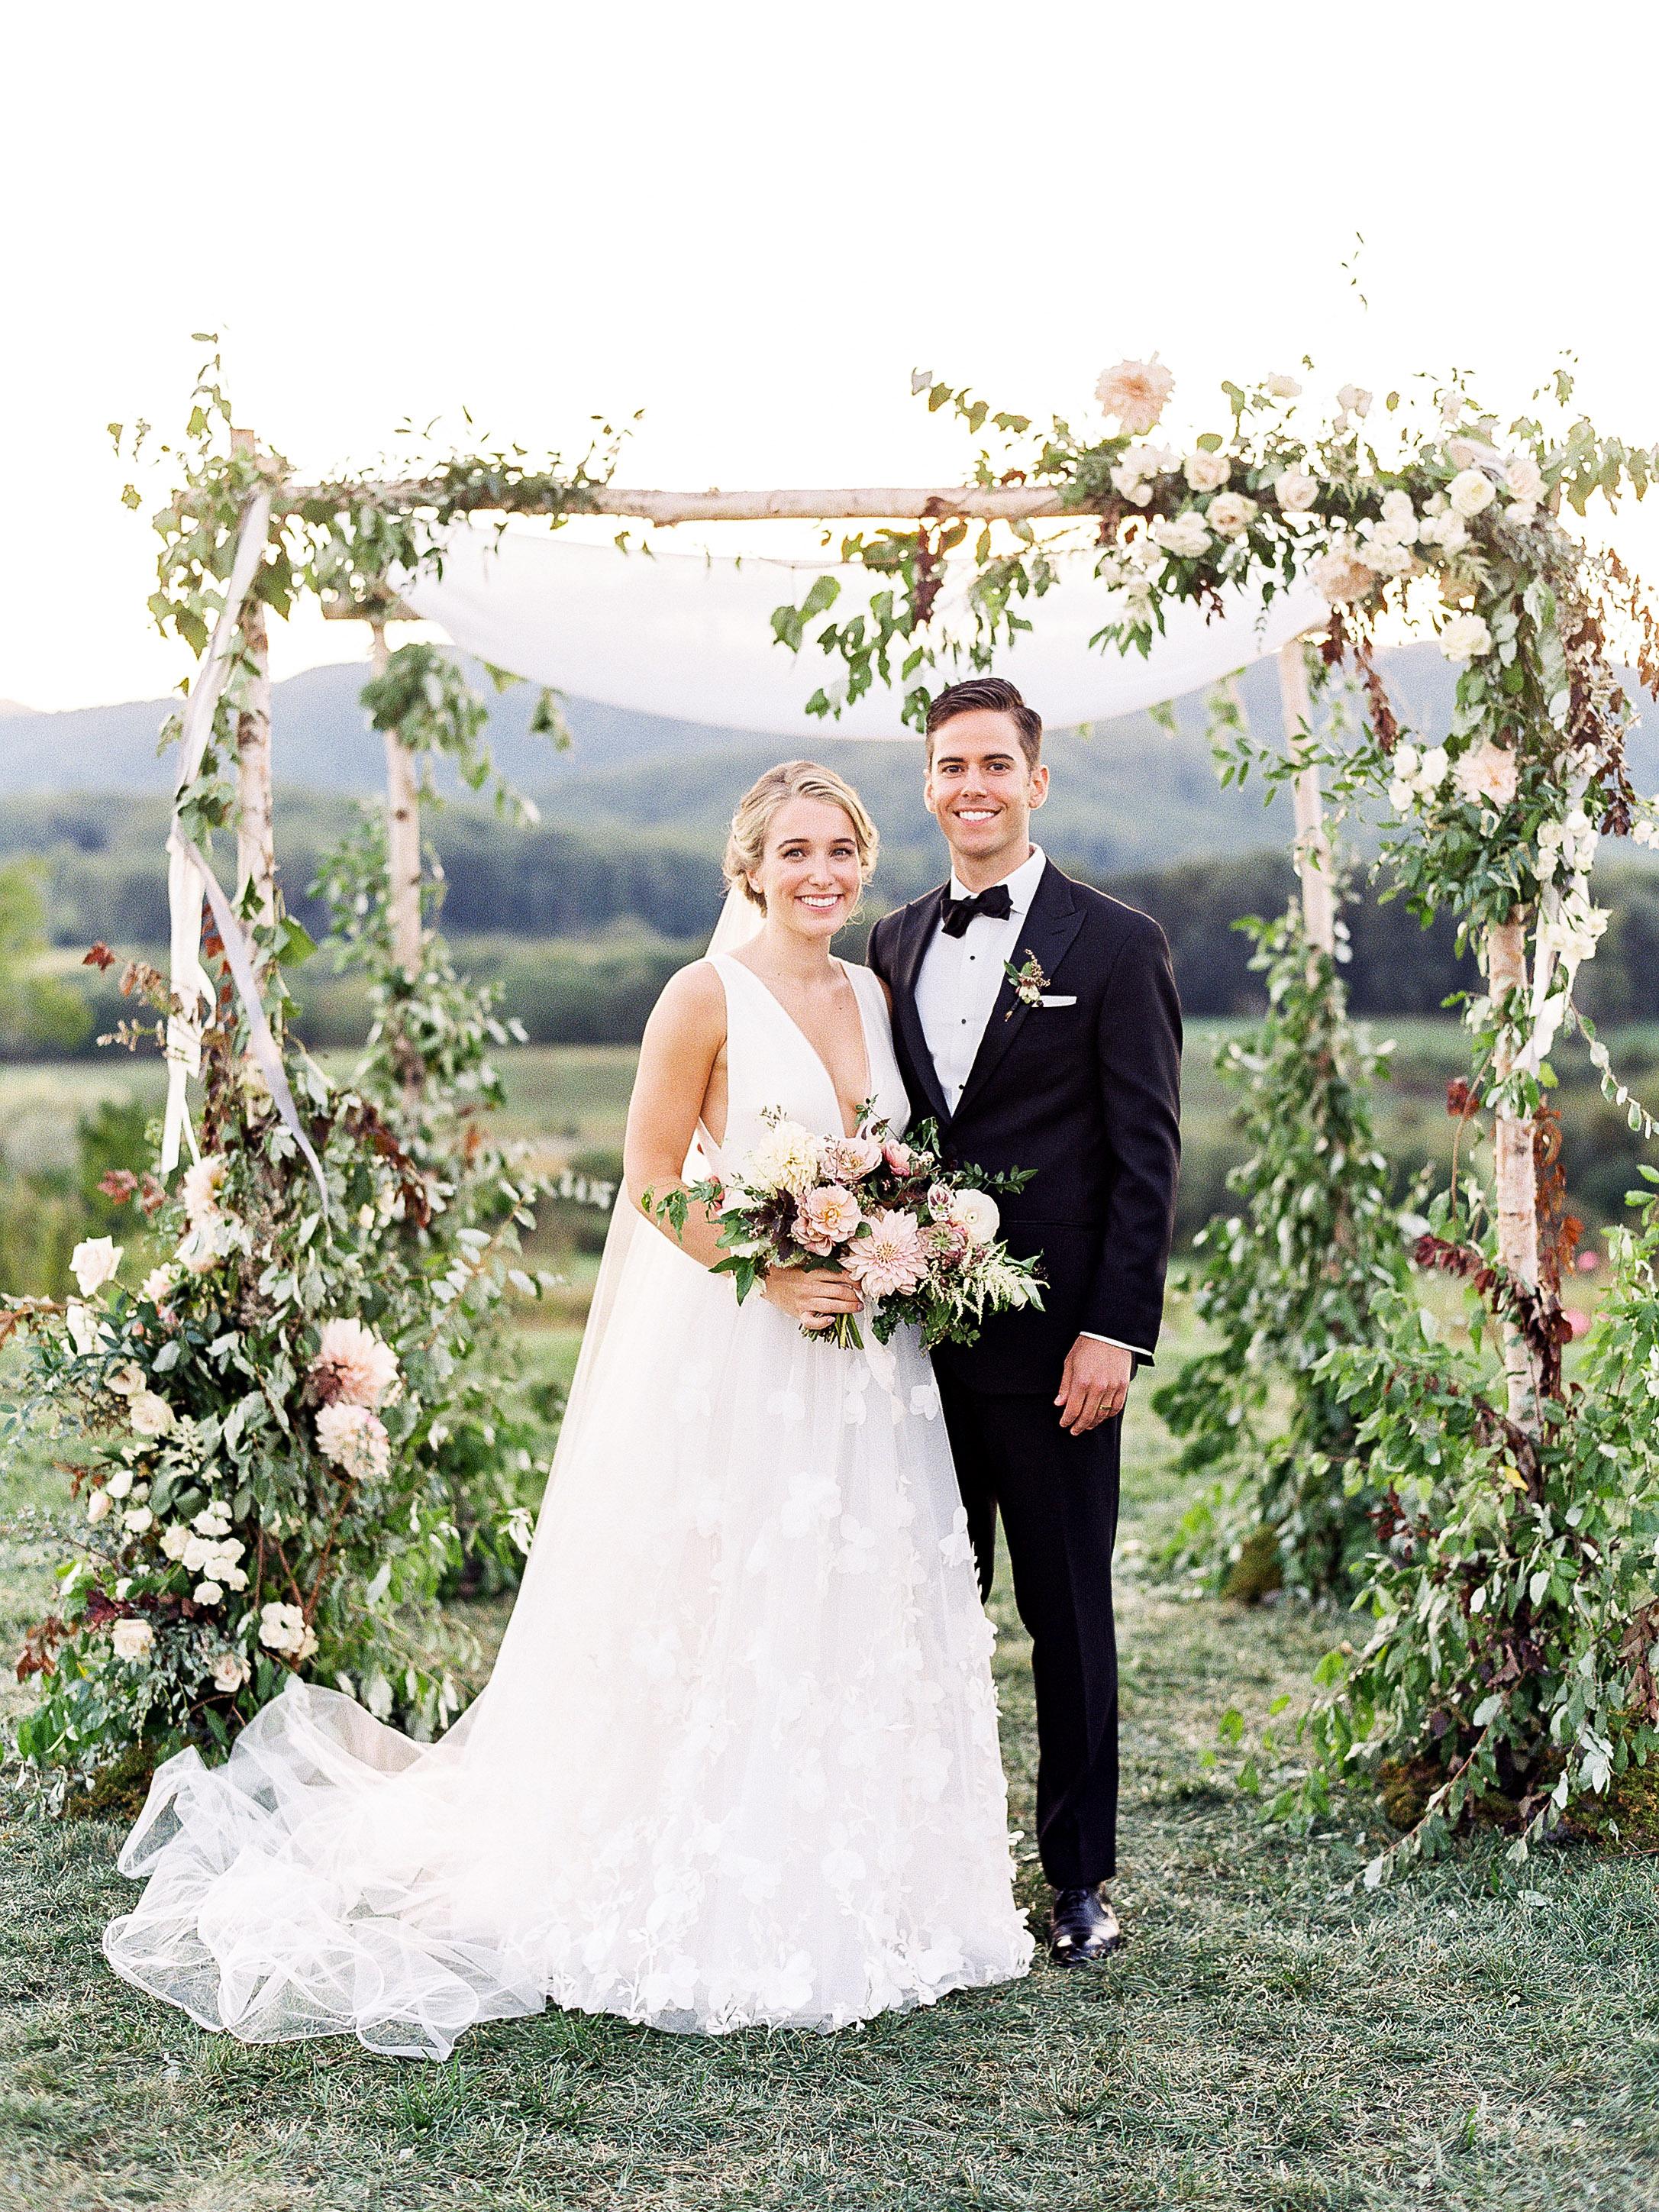 julianne aaron wedding chuppah couple